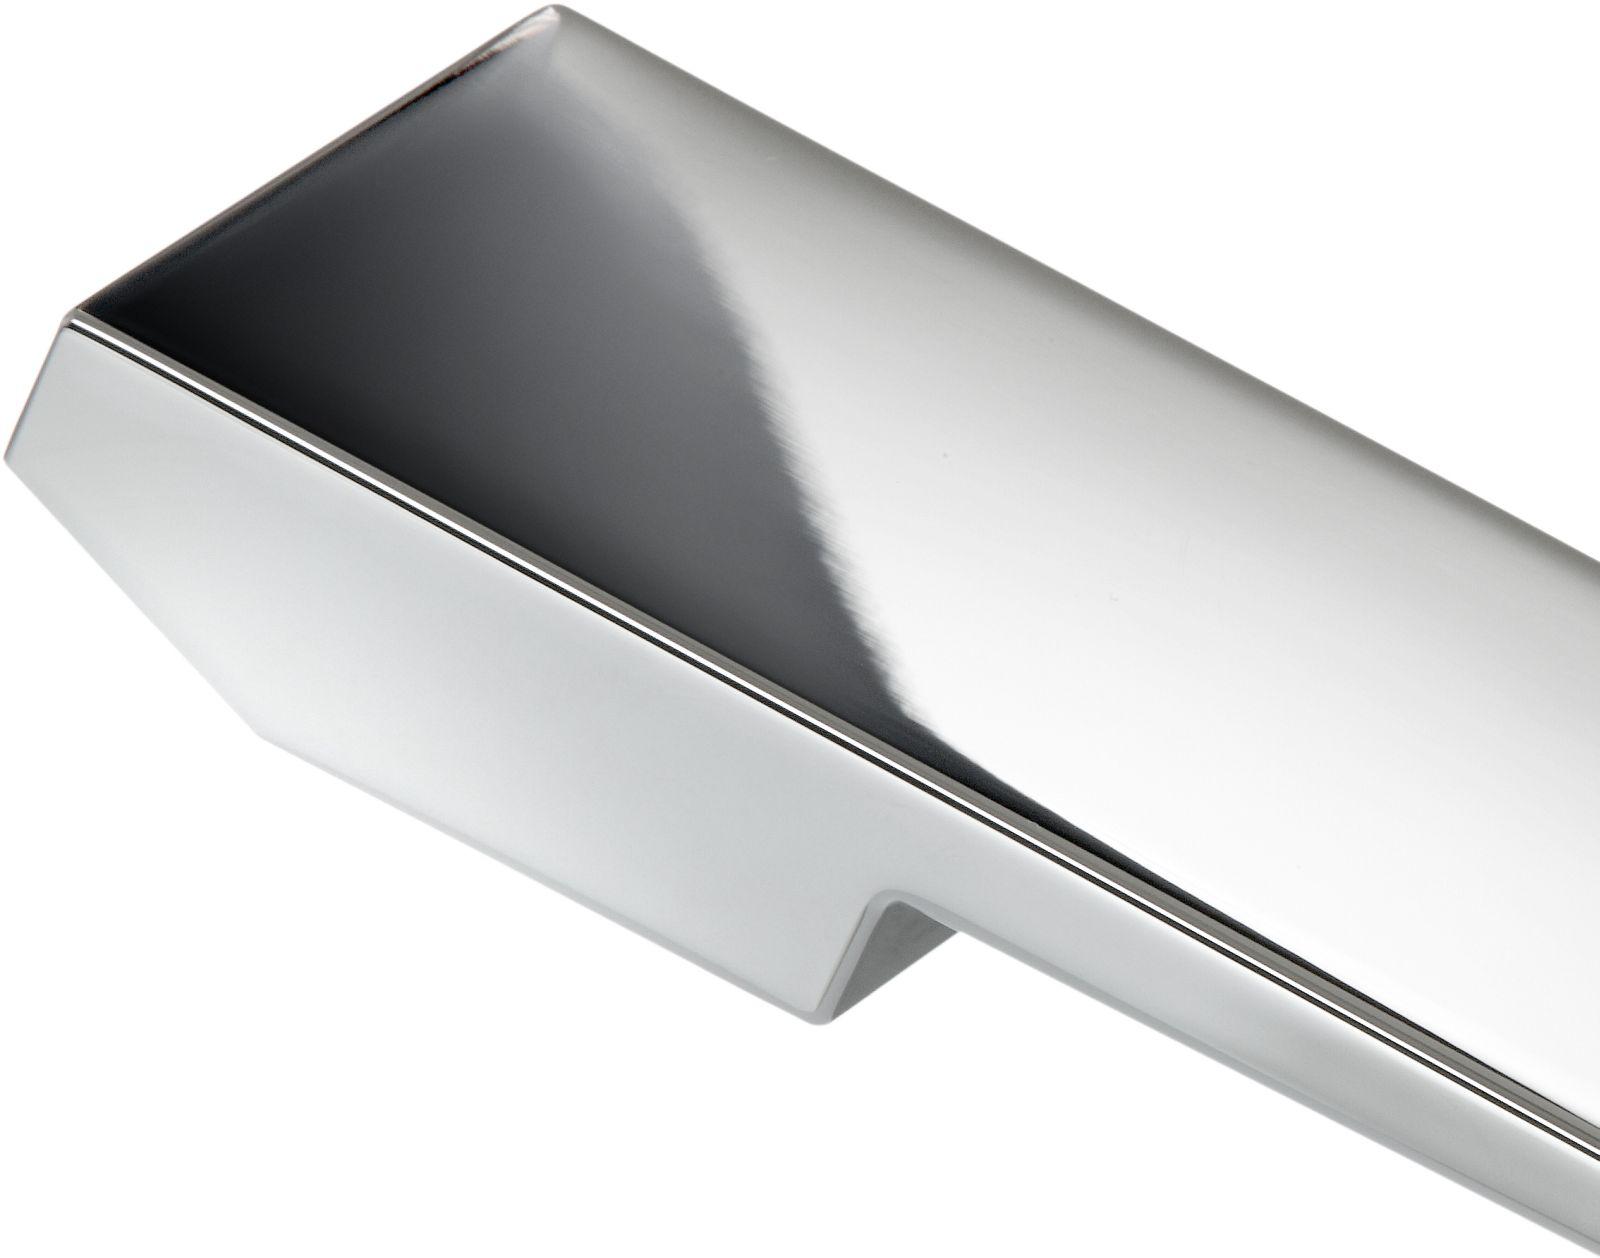 Ausschnitt eines Hebels aus verchromtem Zinkdruckguss für eine Sanitärarmatur